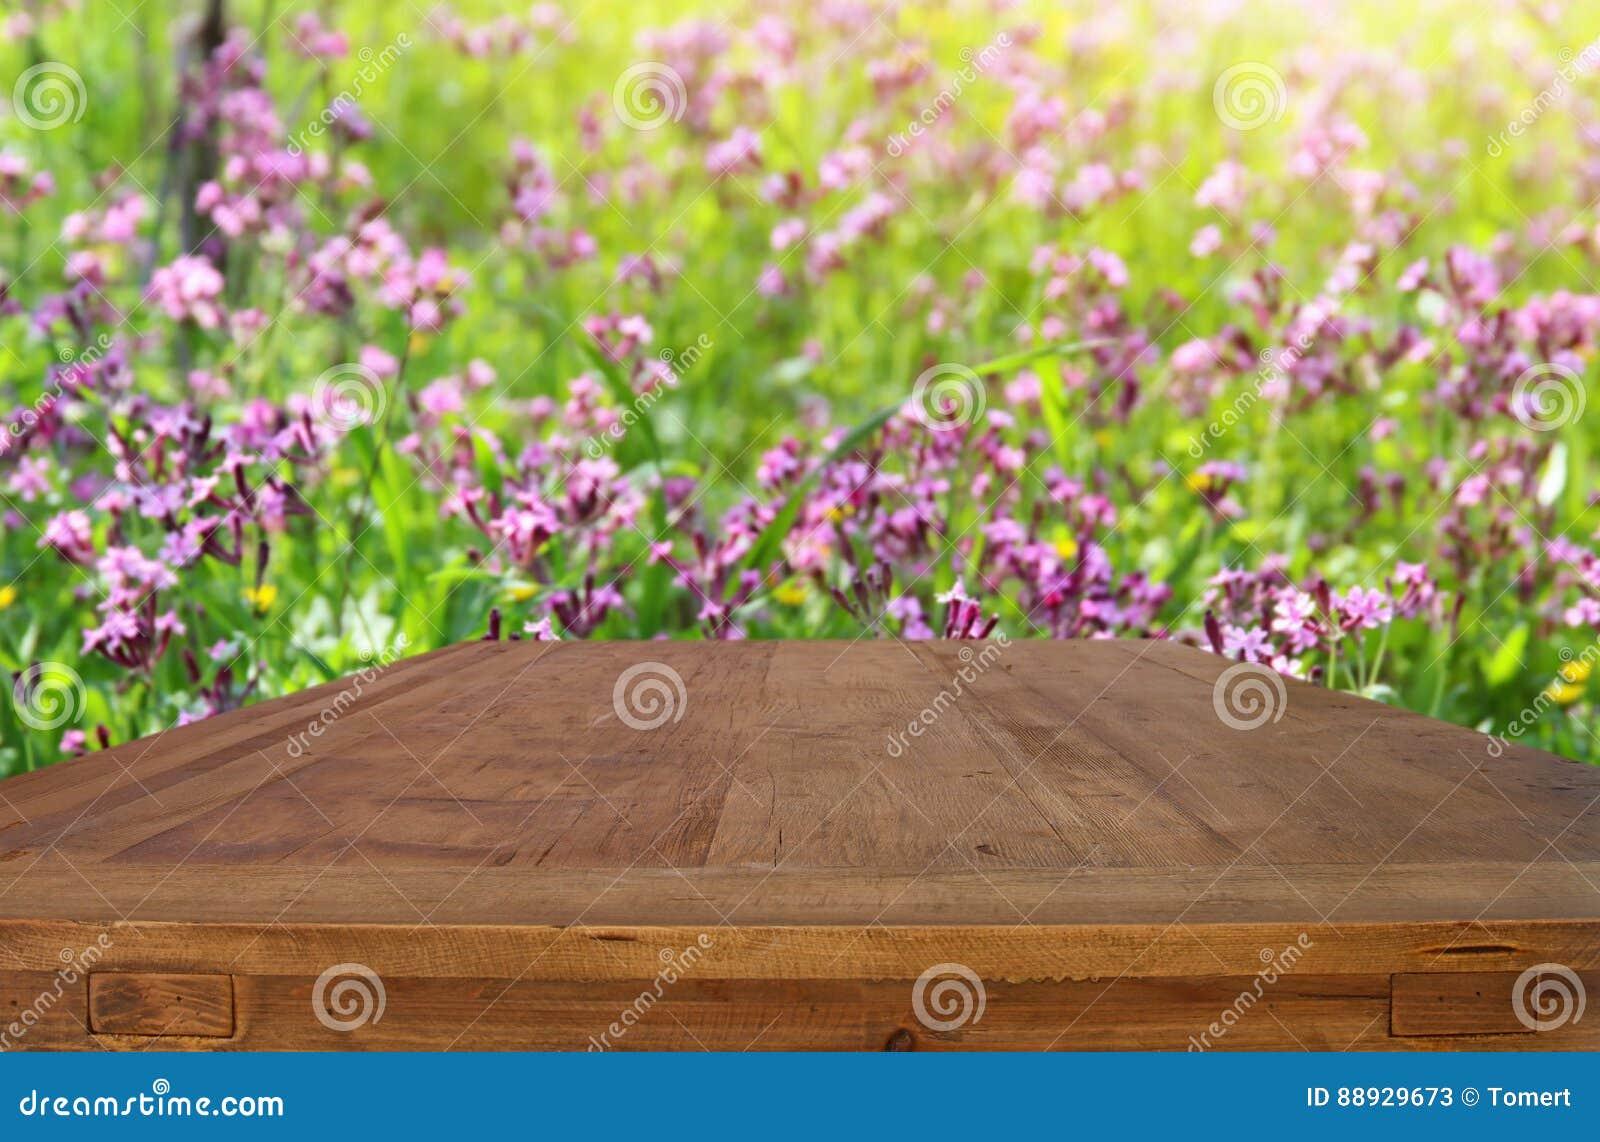 Κενός αγροτικός πίνακας μπροστά από το όμορφο υπόβαθρο λουλουδιών άνοιξη